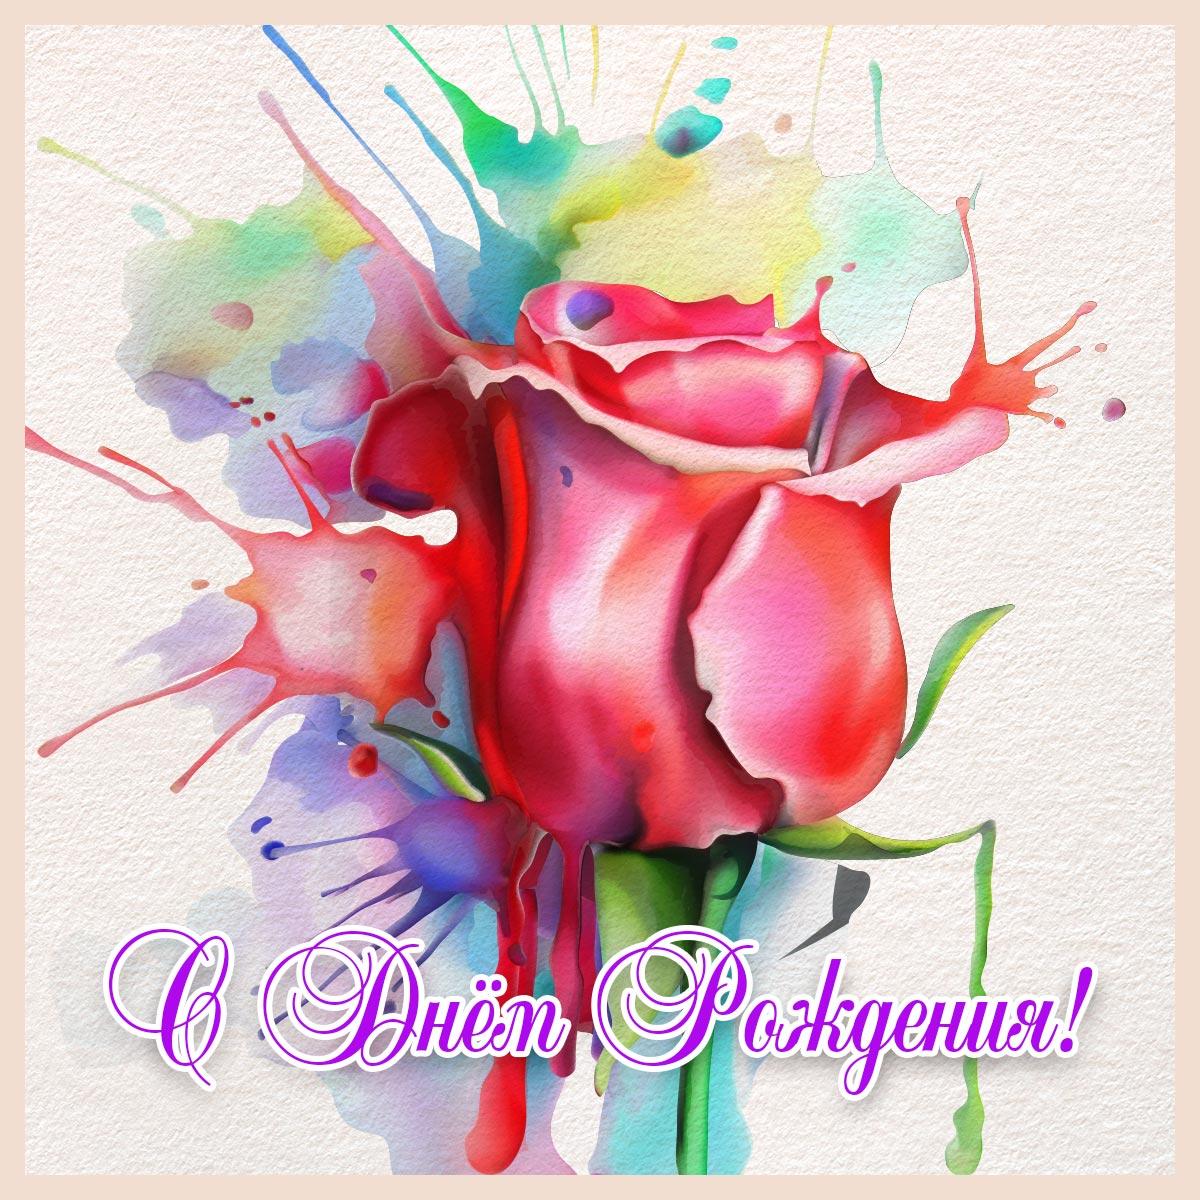 Бутон красной розы на разноцветном фоне с надписью с днём рождения!